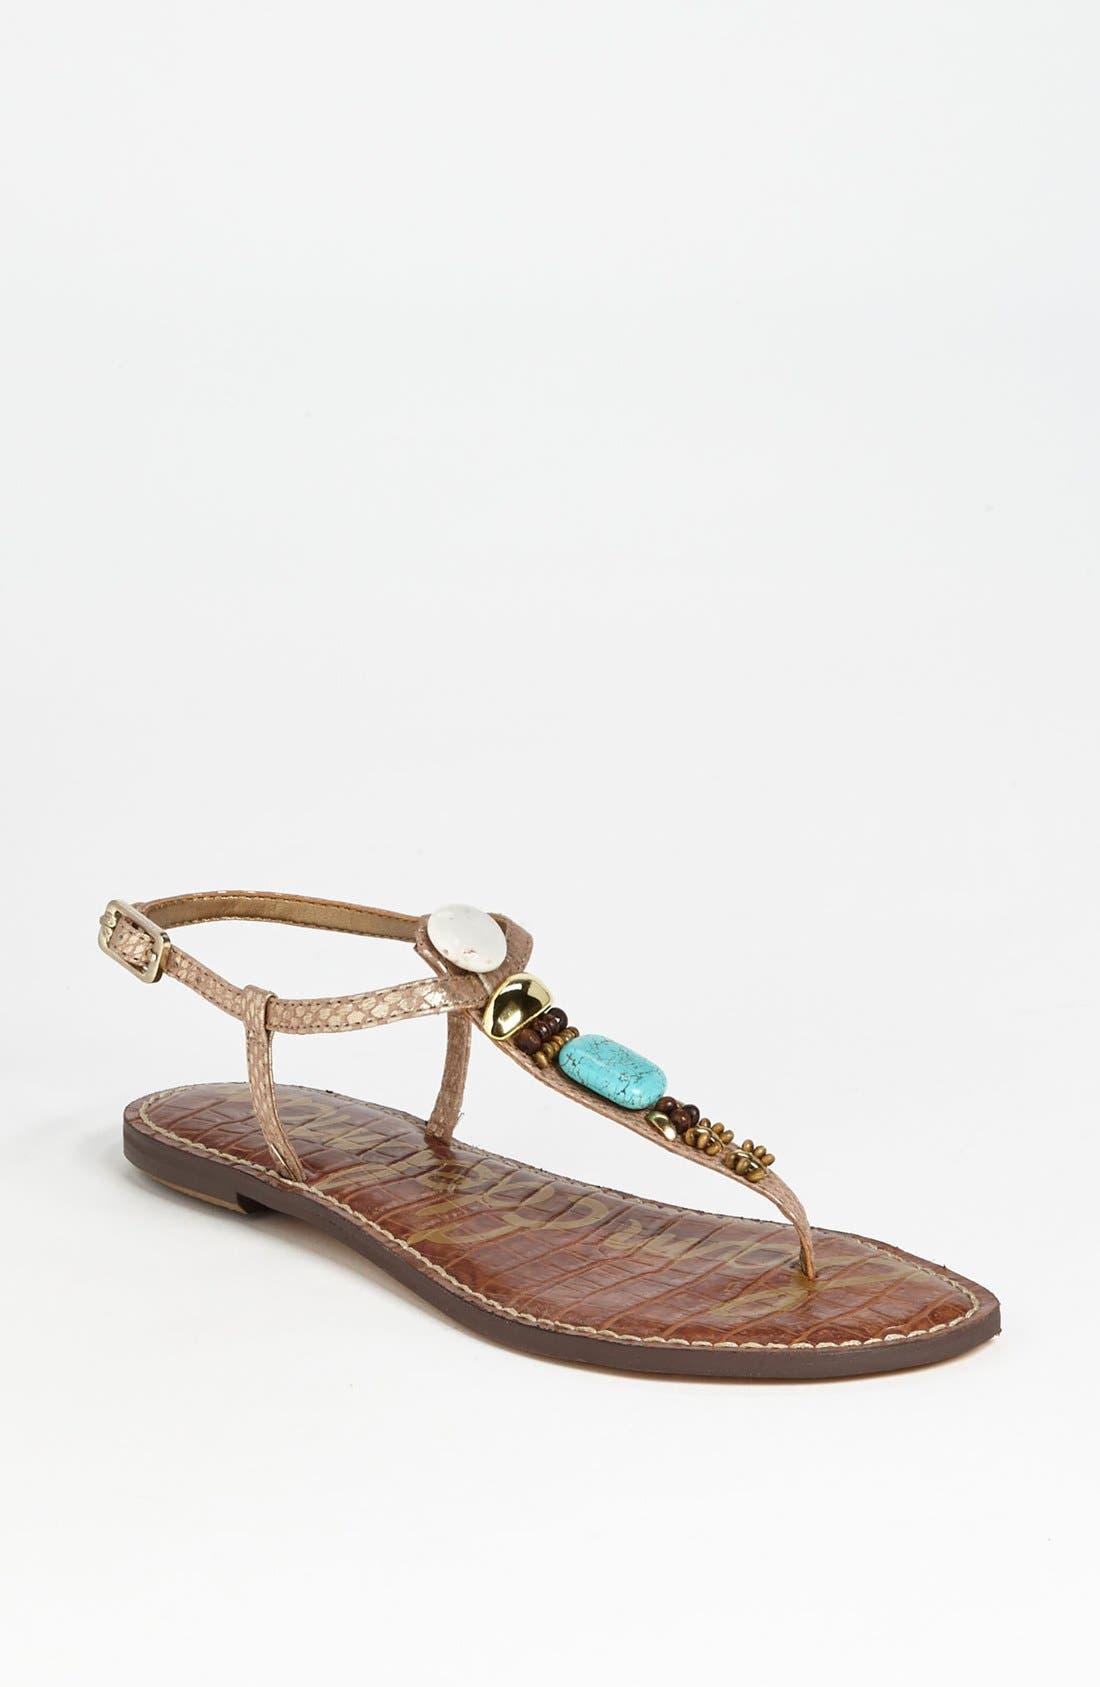 Alternate Image 1 Selected - Sam Edelman 'Glenna' Sandal